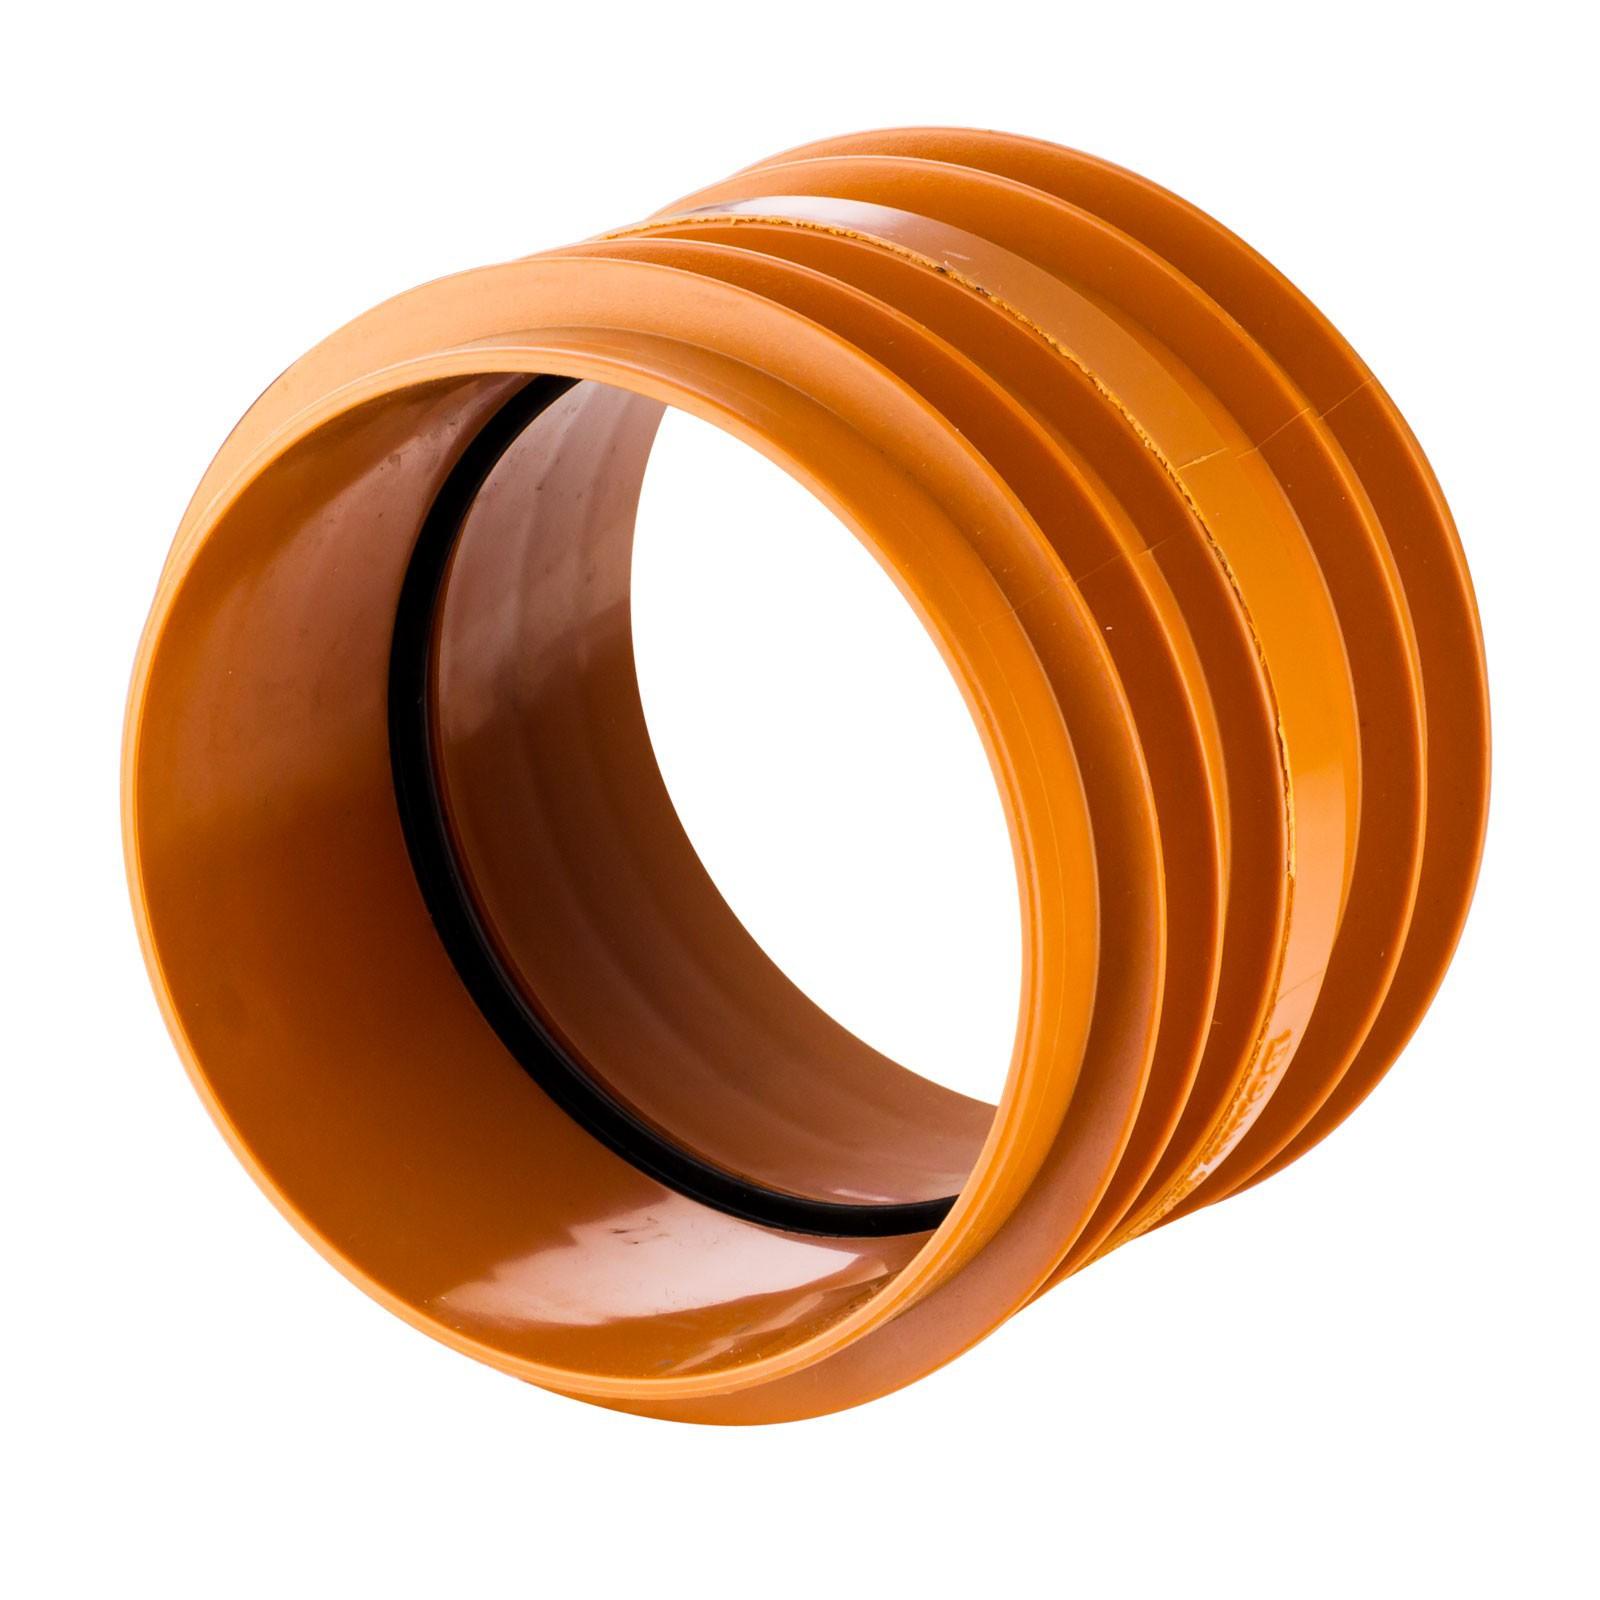 kg rohr schachtfutter dn 125 x 110 mm pvc durchf hrung beton haus wand schacht ebay. Black Bedroom Furniture Sets. Home Design Ideas